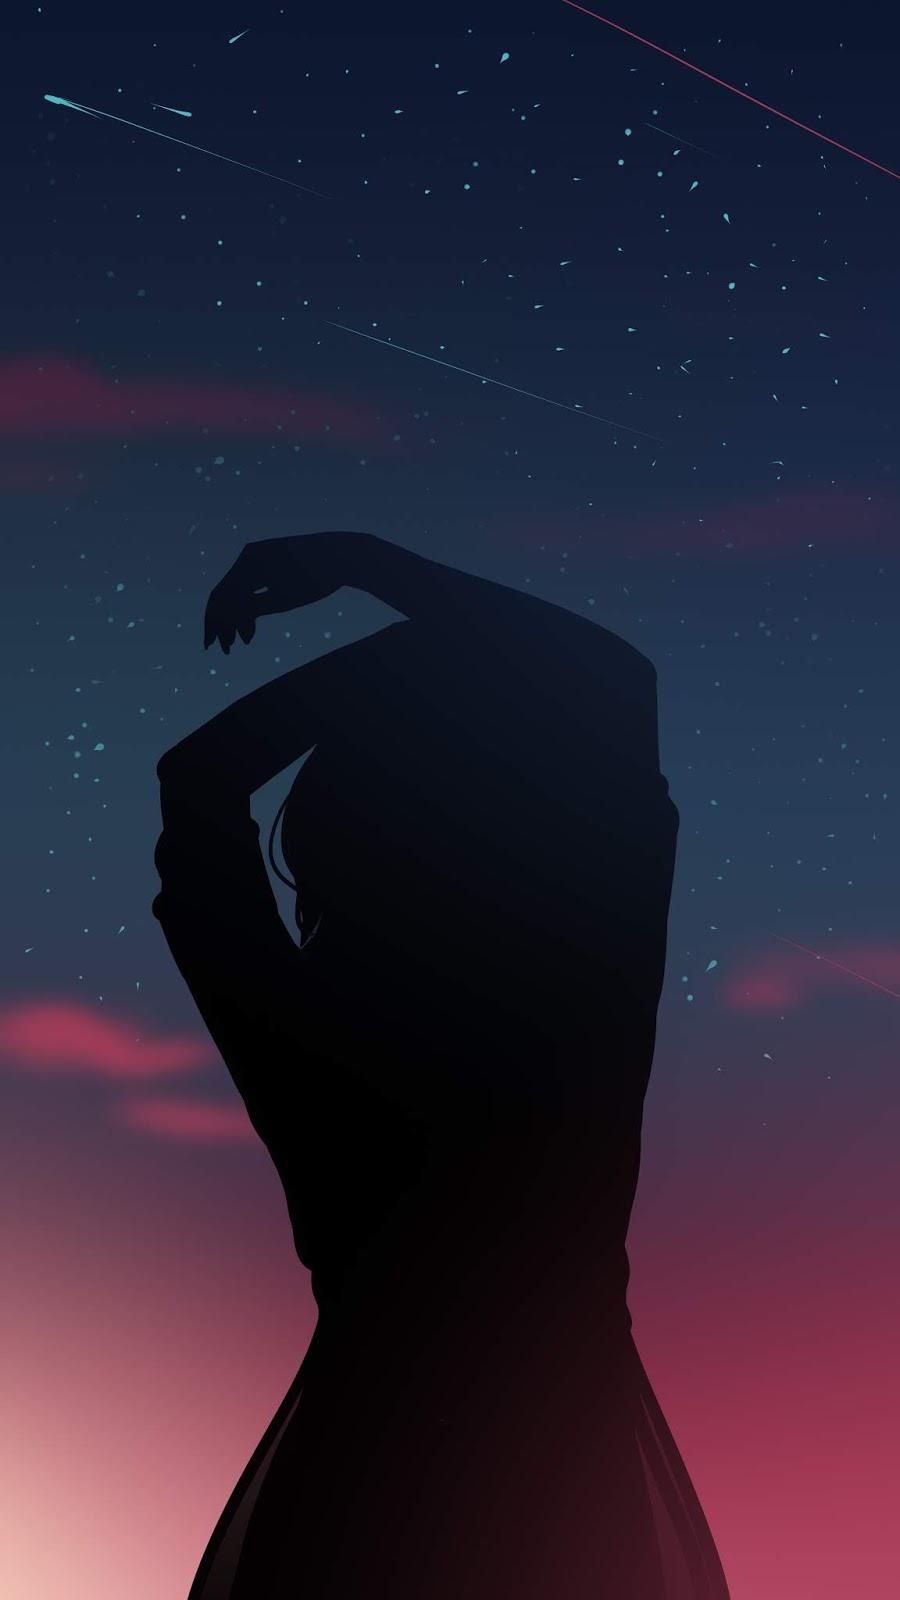 Cô đơn giữa bầu trời đêm